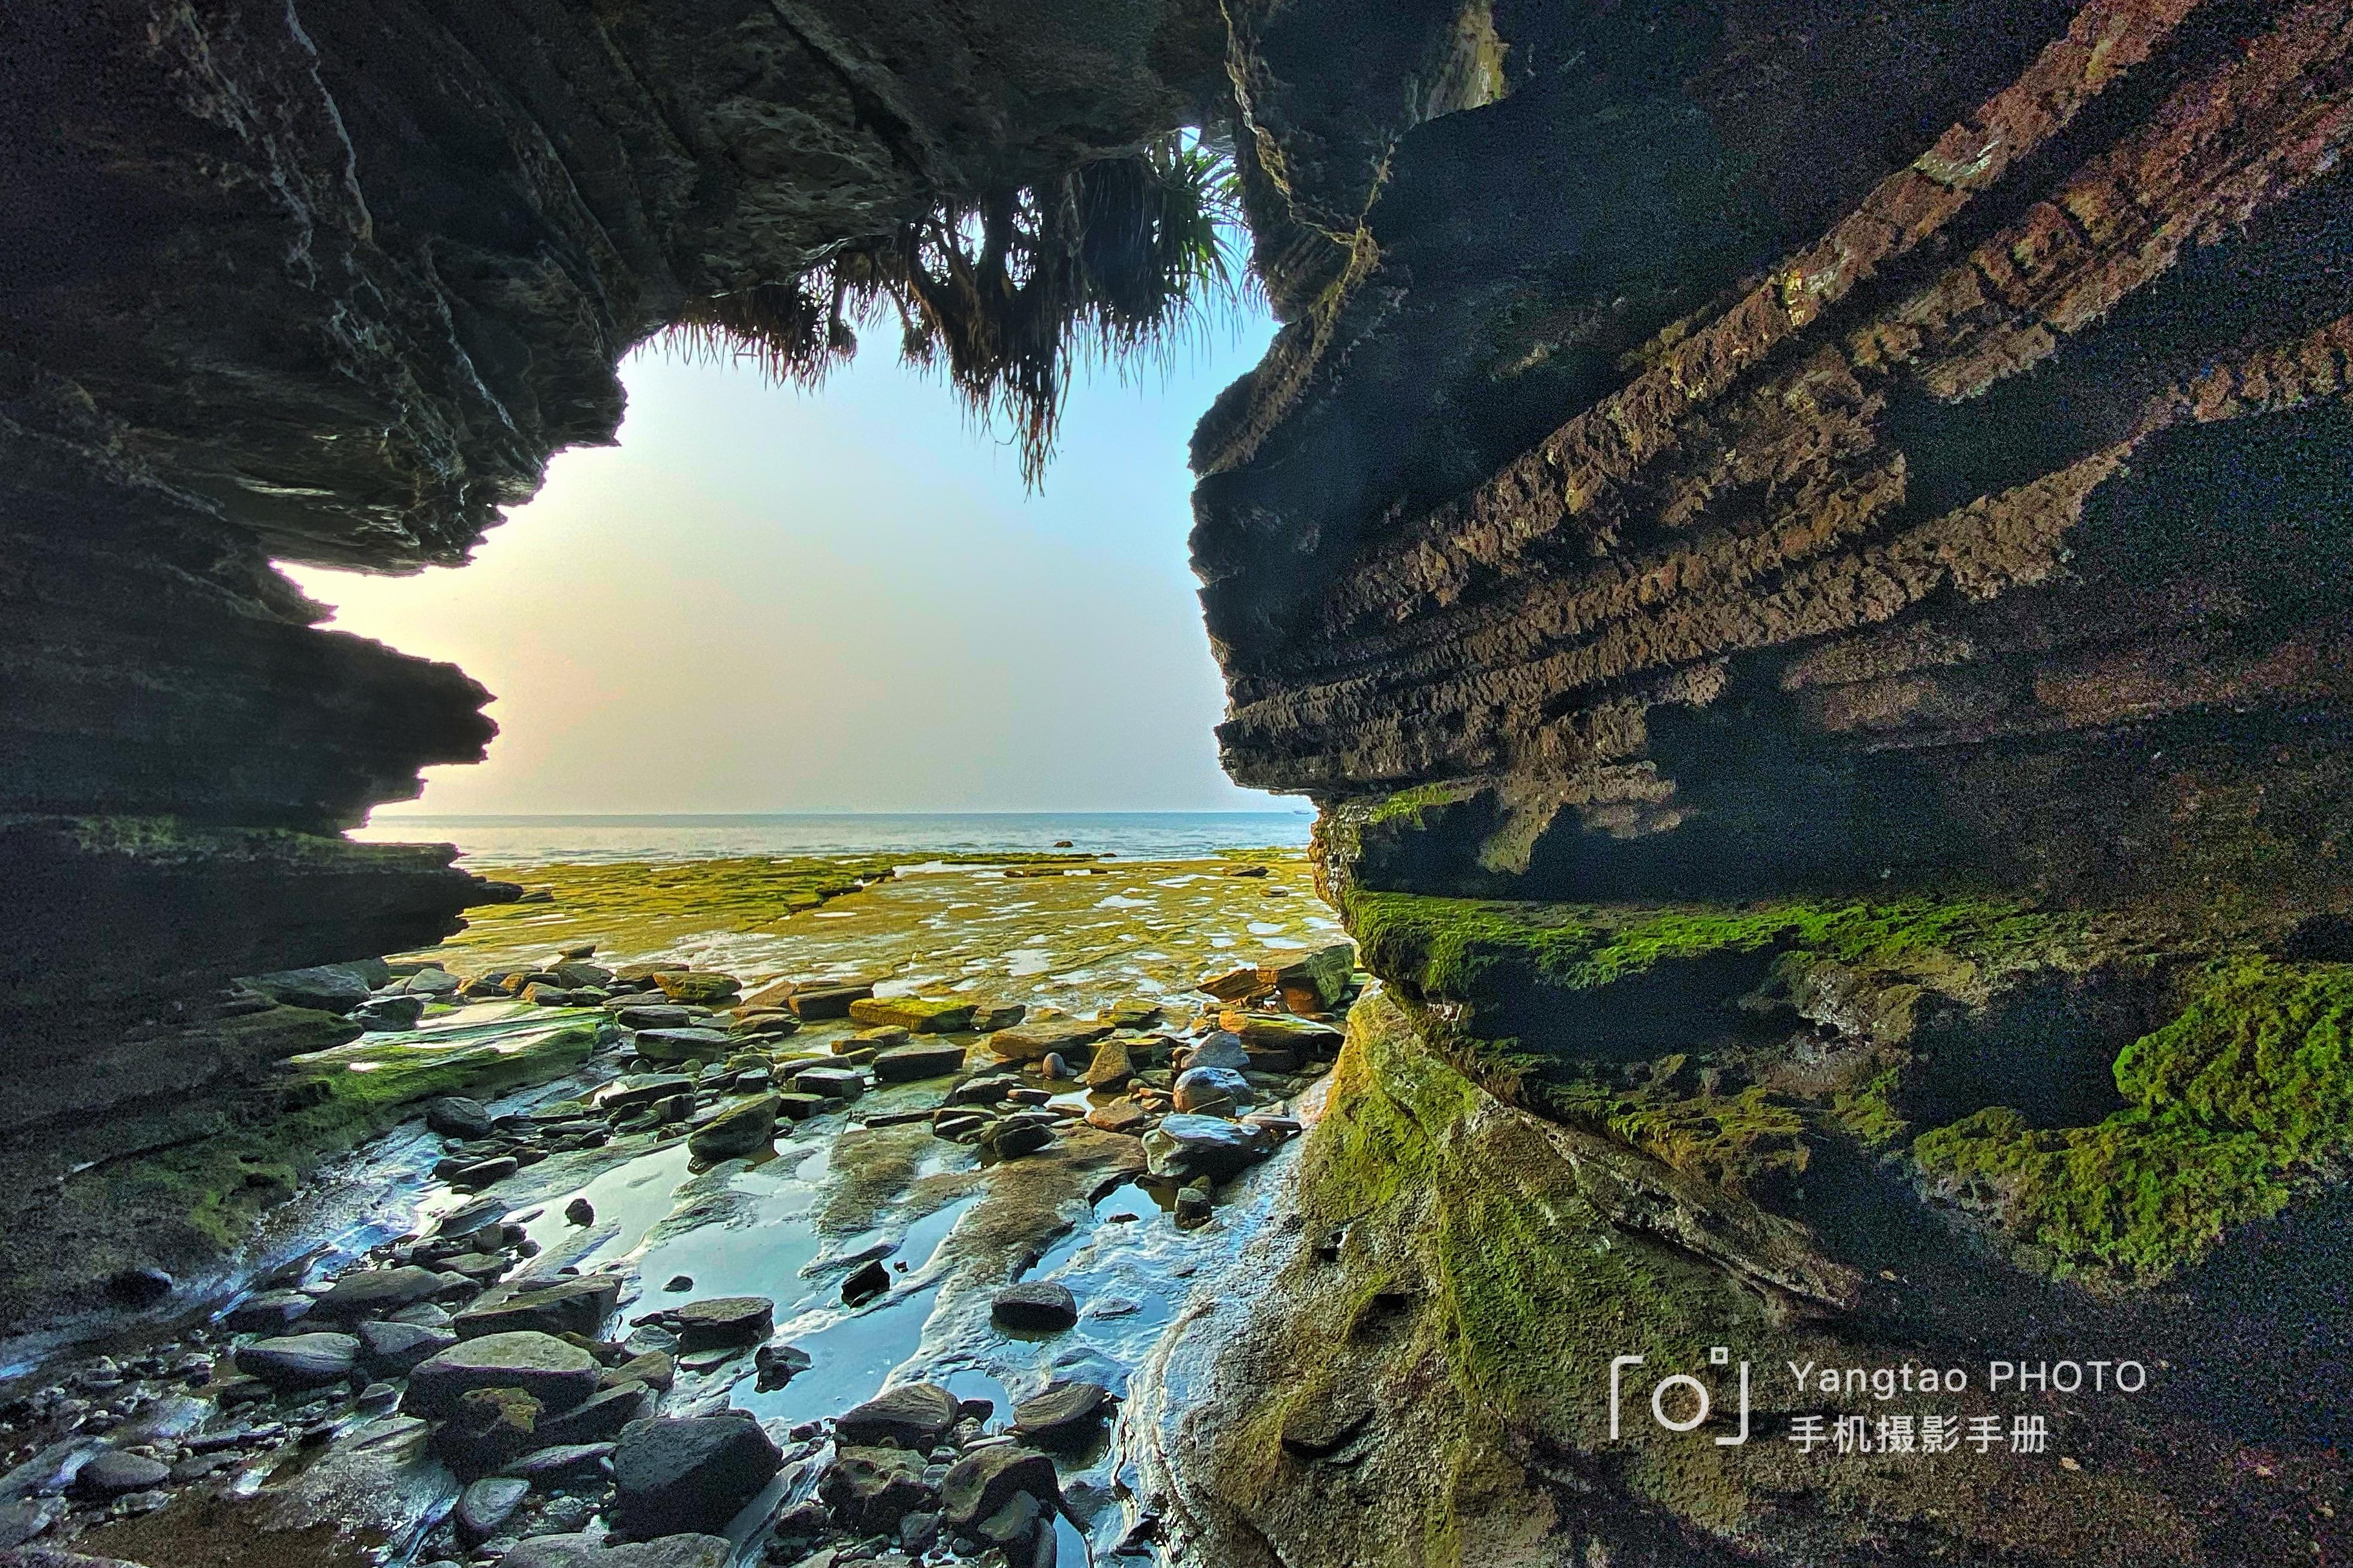 为什么你拍的照片不好看,跟随摄影师,体验不一样的涠洲岛之旅